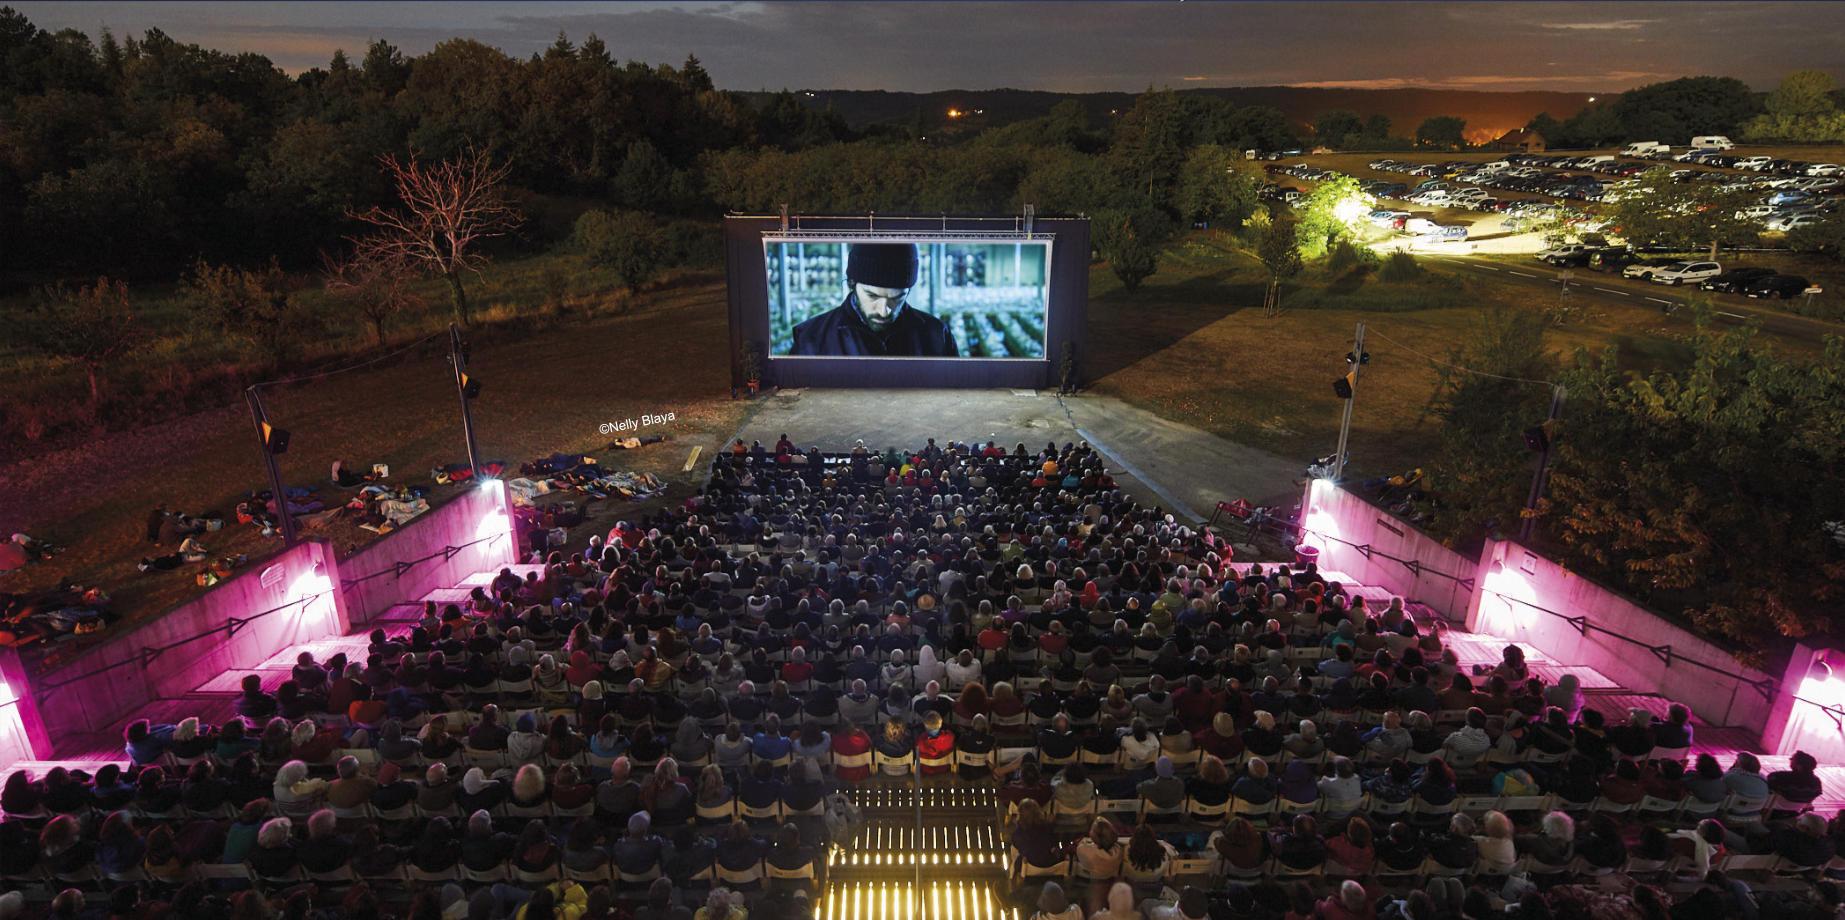 Rencontre cinéma de Gindou - Infos, billets, prog, artistes - Le Guide des Festivals